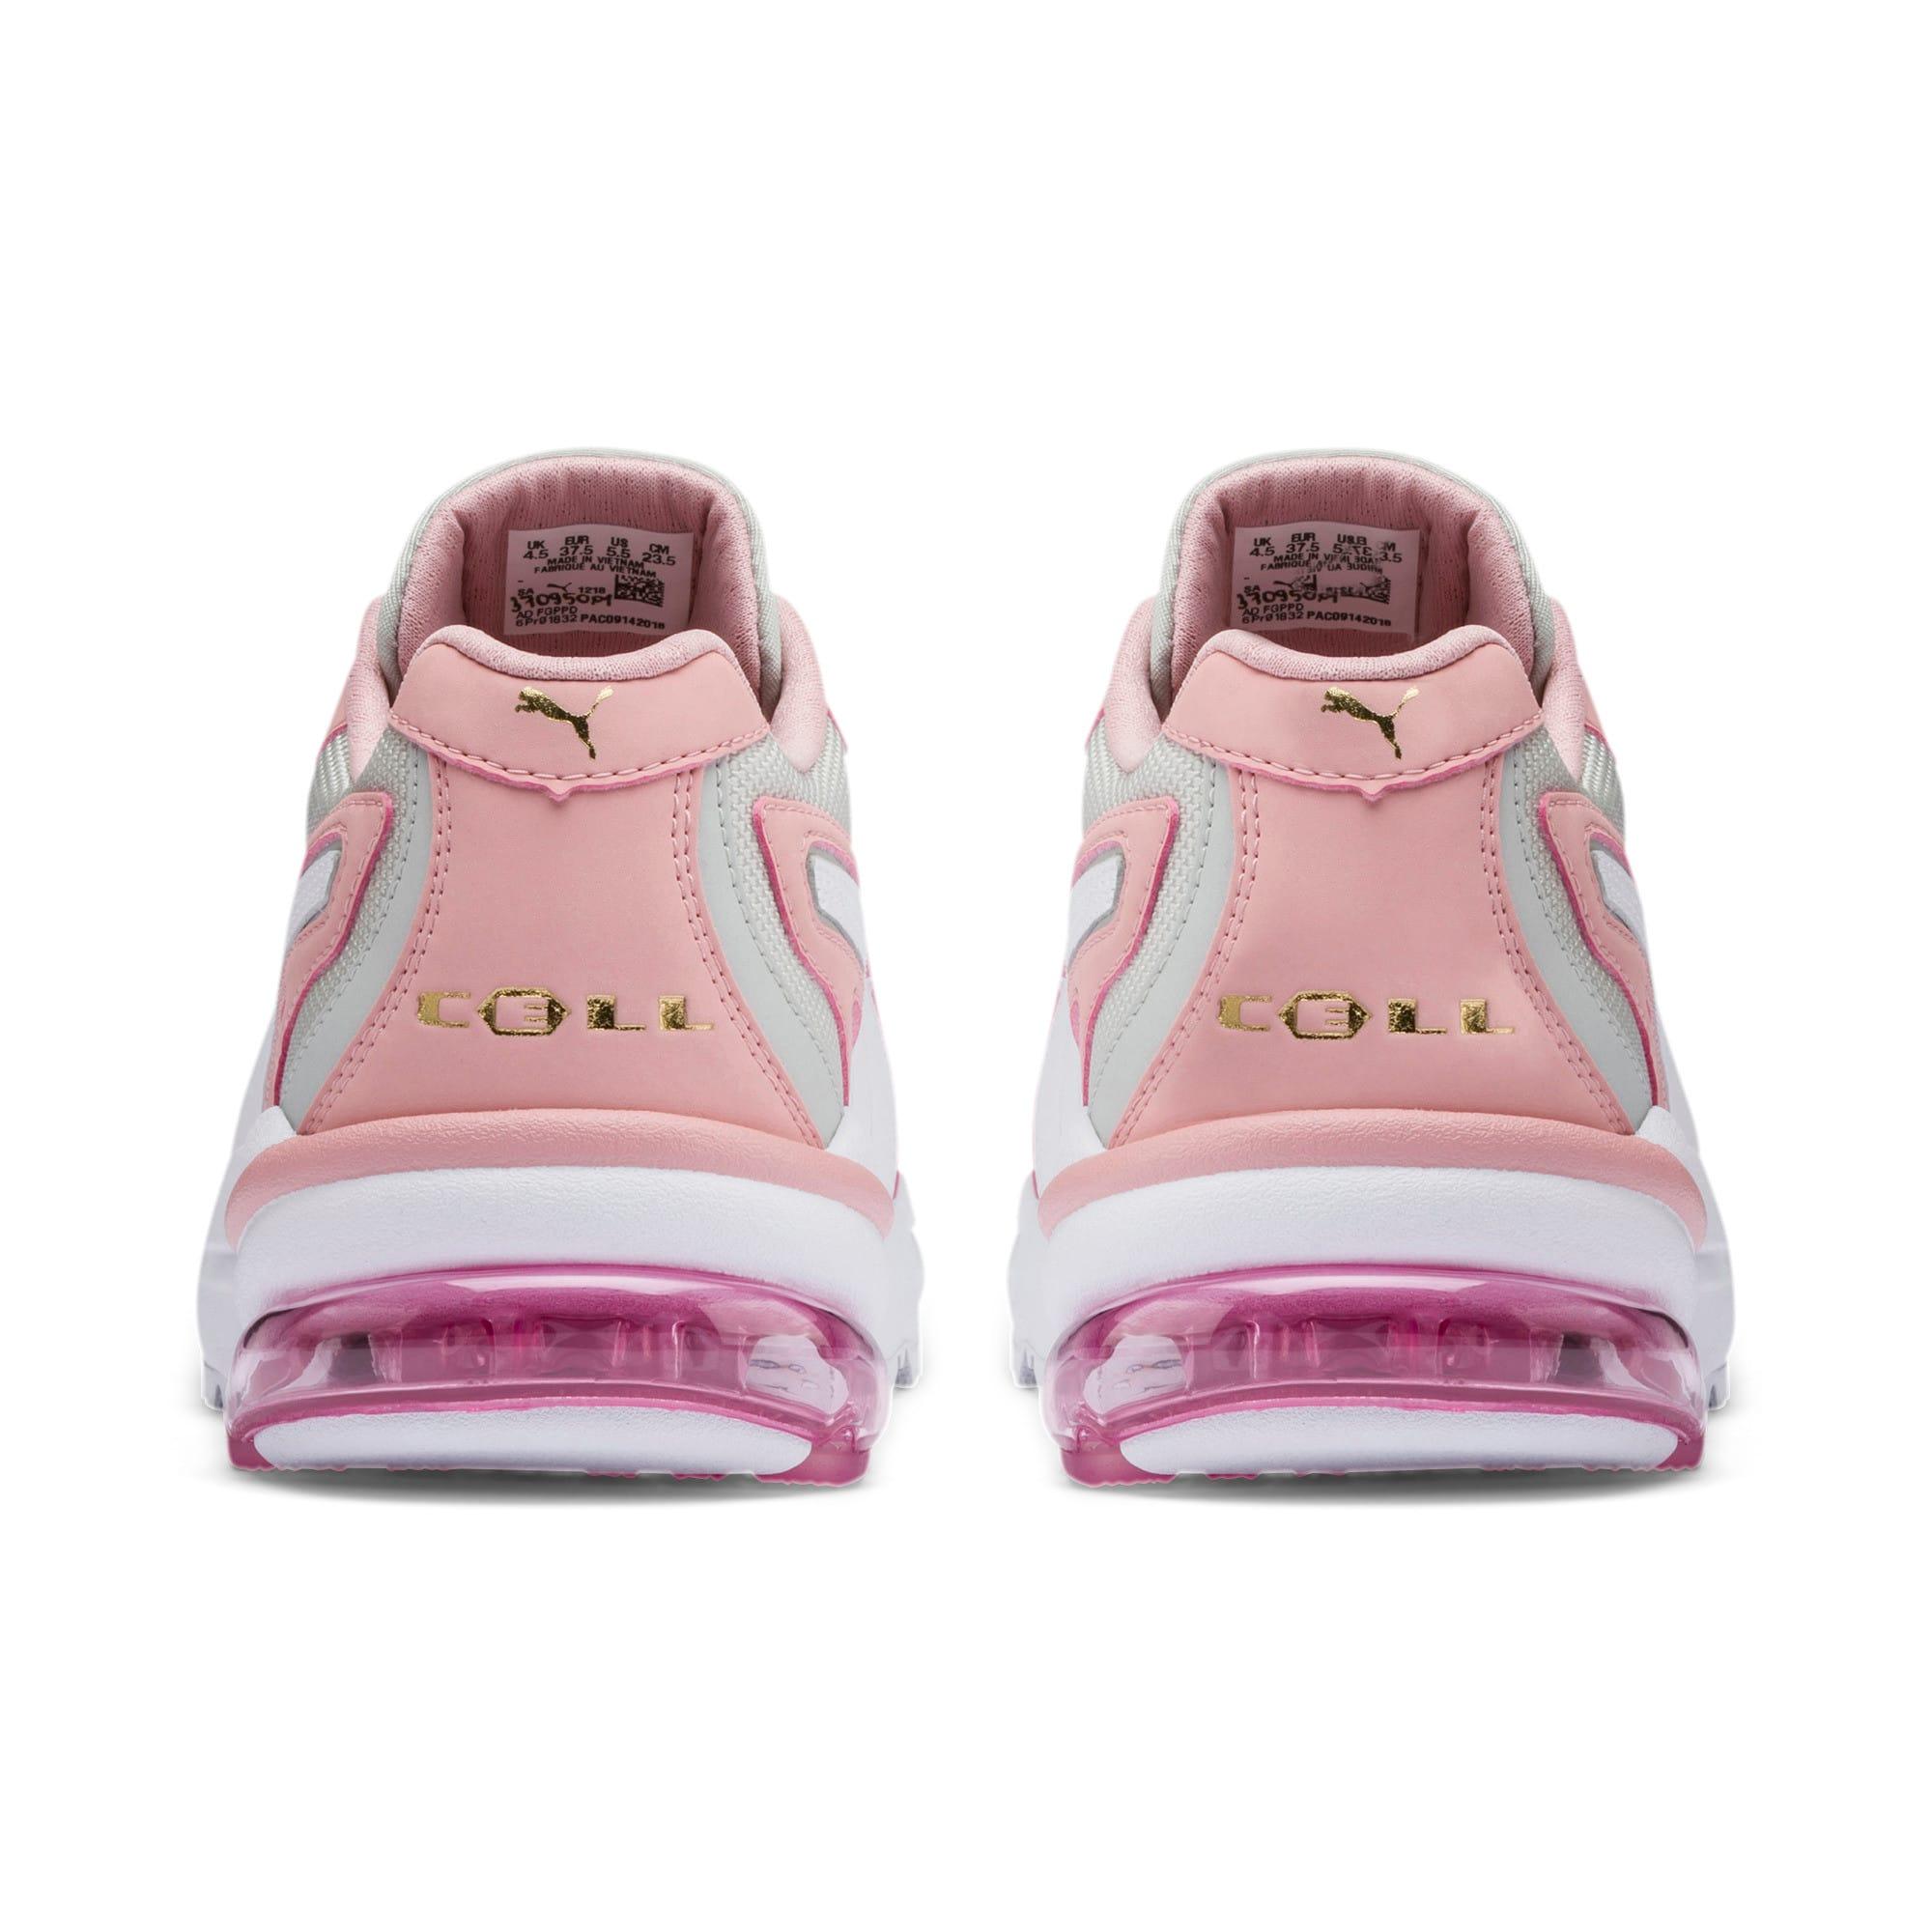 Thumbnail 4 of CELL Stellar Damen Sneaker, Bridal Rose-Gray Violet, medium